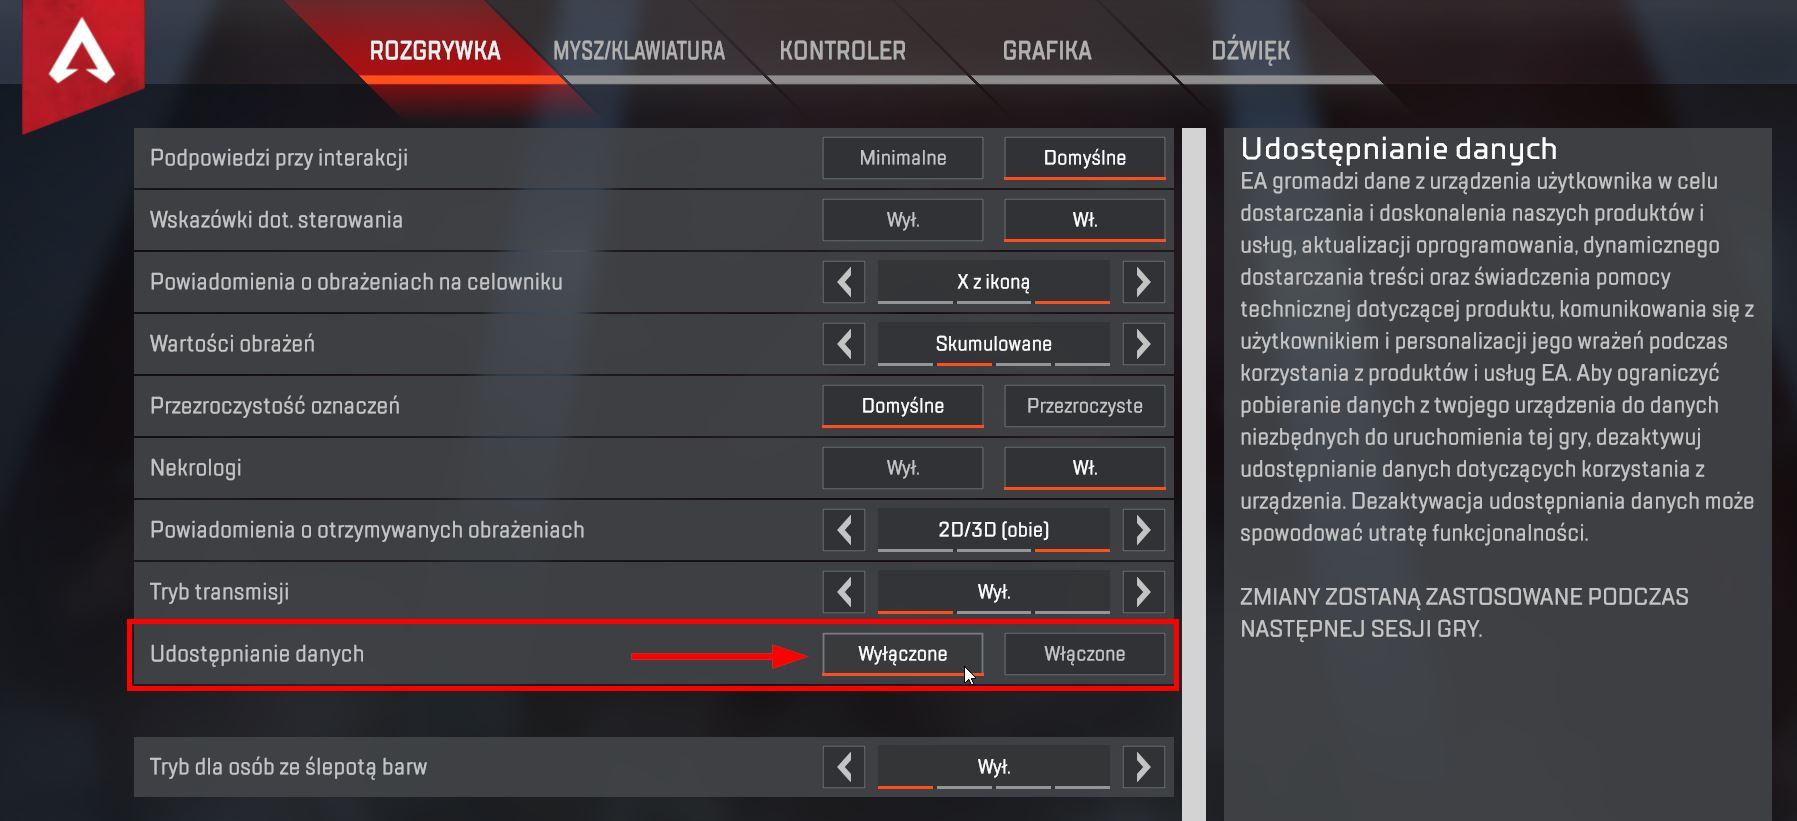 Wyłącz udostępnianie danych w Apex Legends